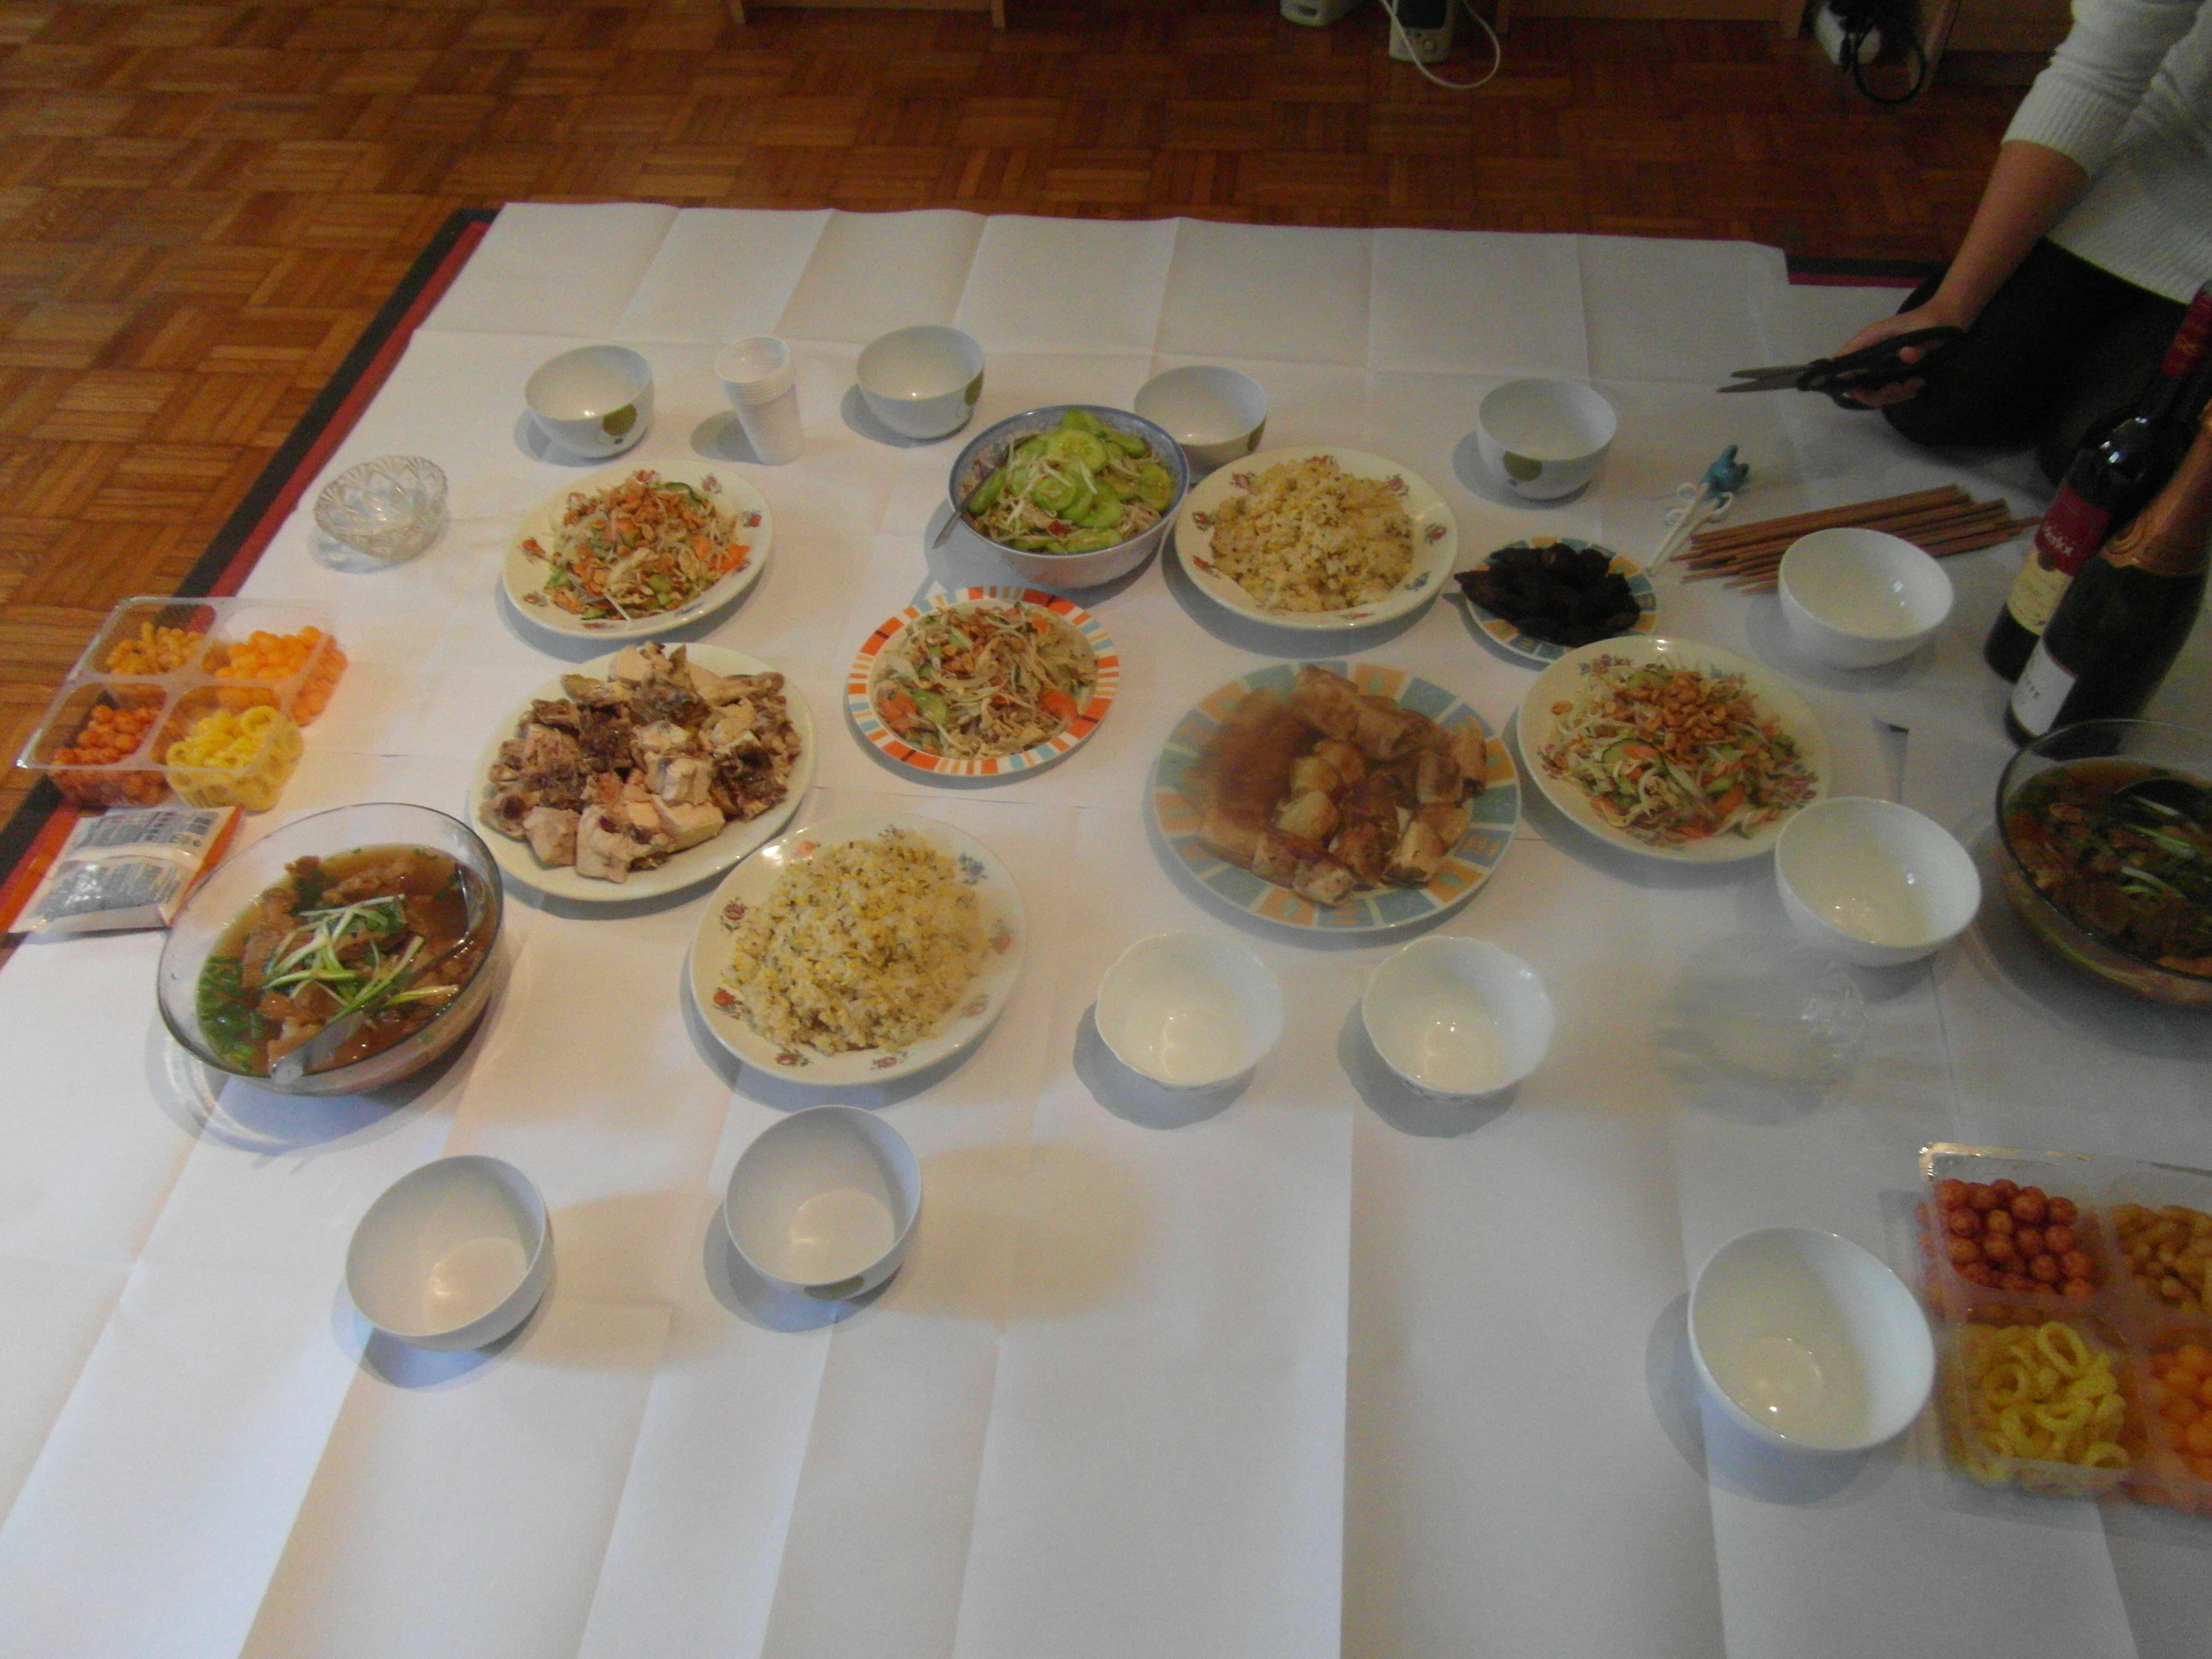 Oggi a pranzo vado in vietnam il karma della rapa - Cosa cucino oggi a pranzo ...